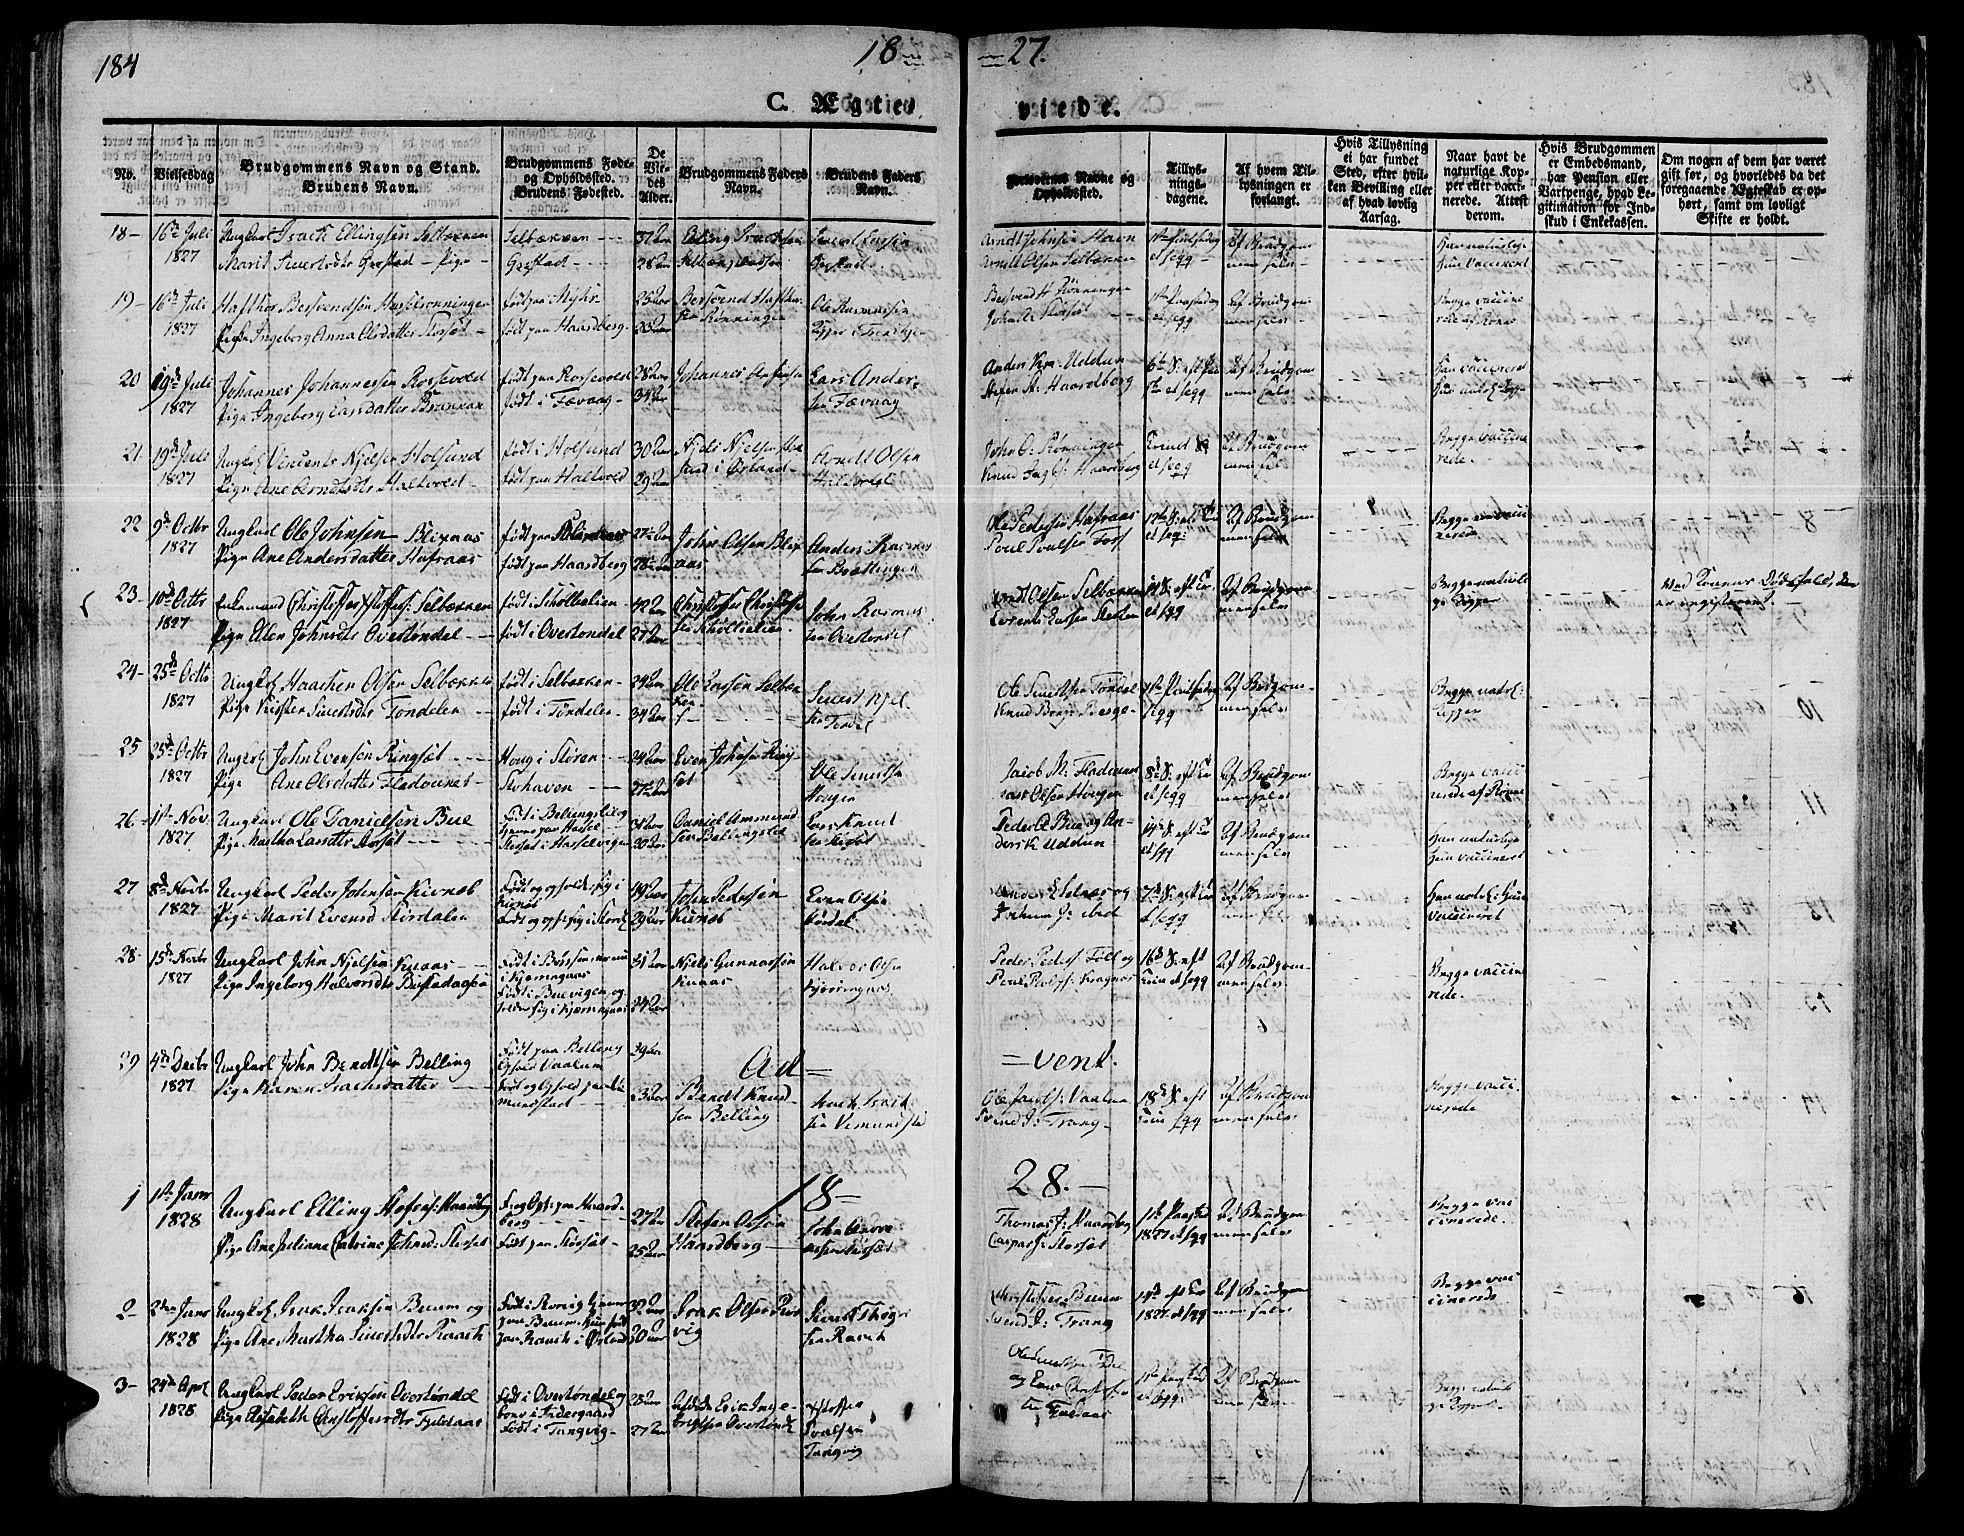 SAT, Ministerialprotokoller, klokkerbøker og fødselsregistre - Sør-Trøndelag, 646/L0609: Ministerialbok nr. 646A07, 1826-1838, s. 184